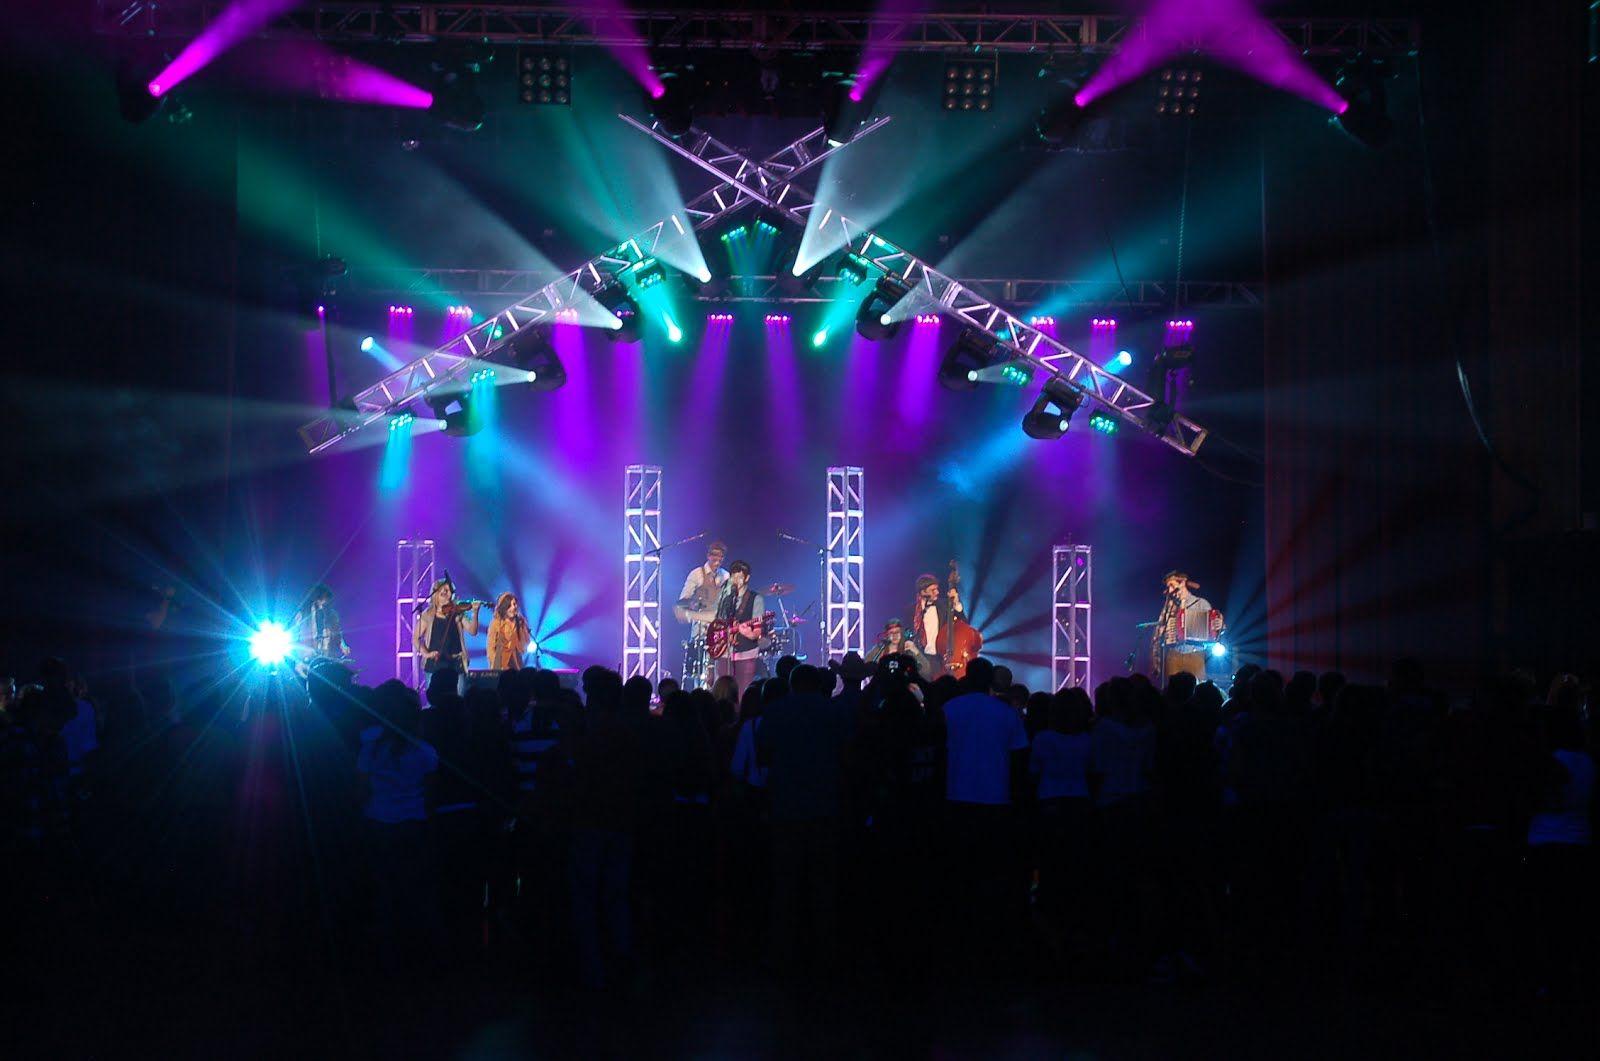 Cool Use Of Trussing Concert Stage Design Stage Lighting Design Concert Lights